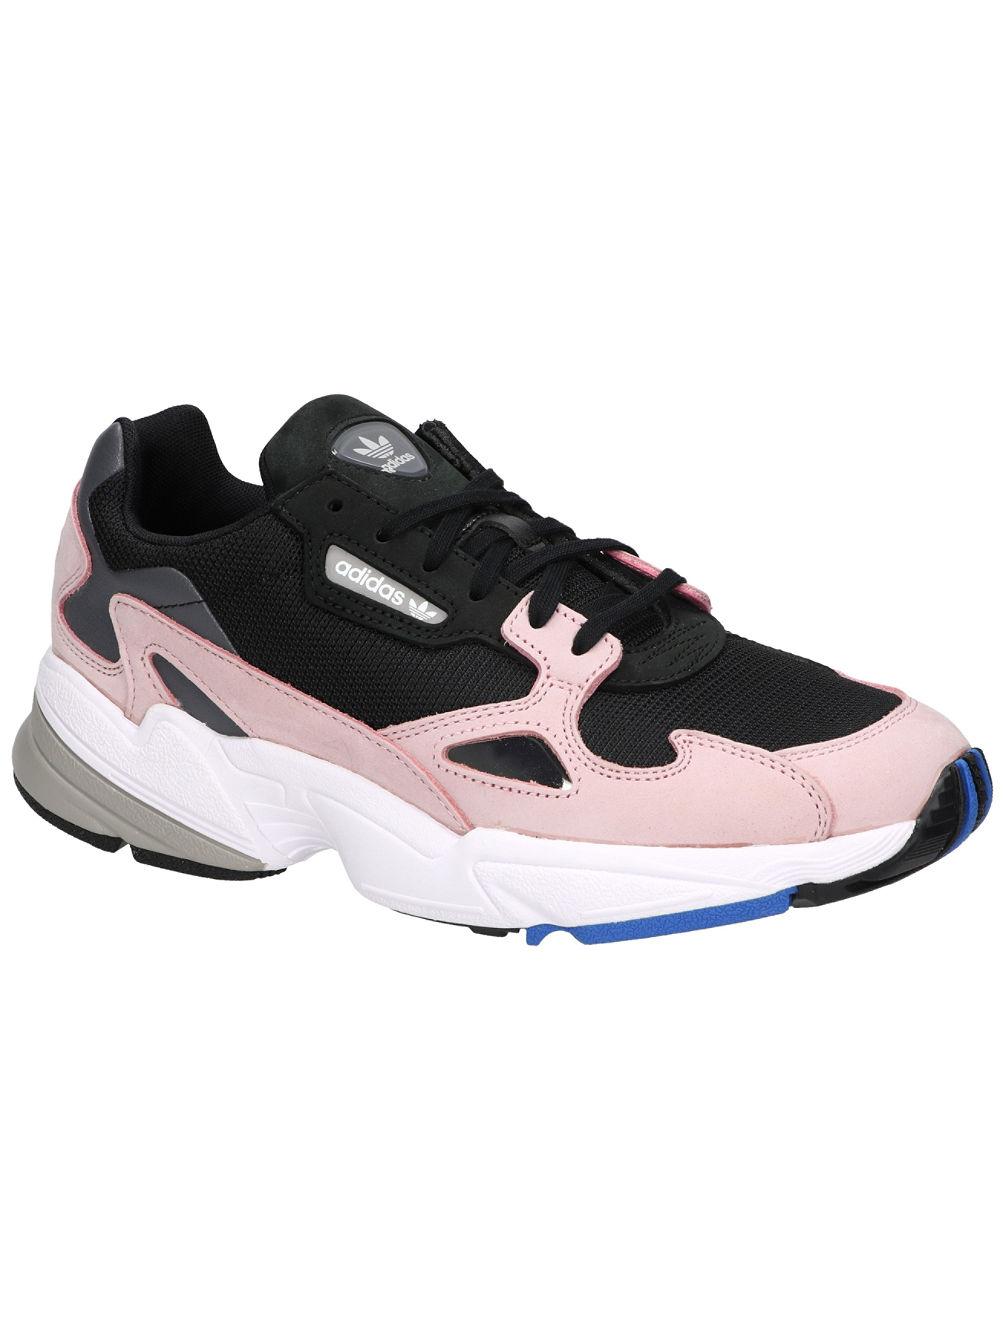 online store 6f3fb c0c75 adidas Originals Falcon Sneakers